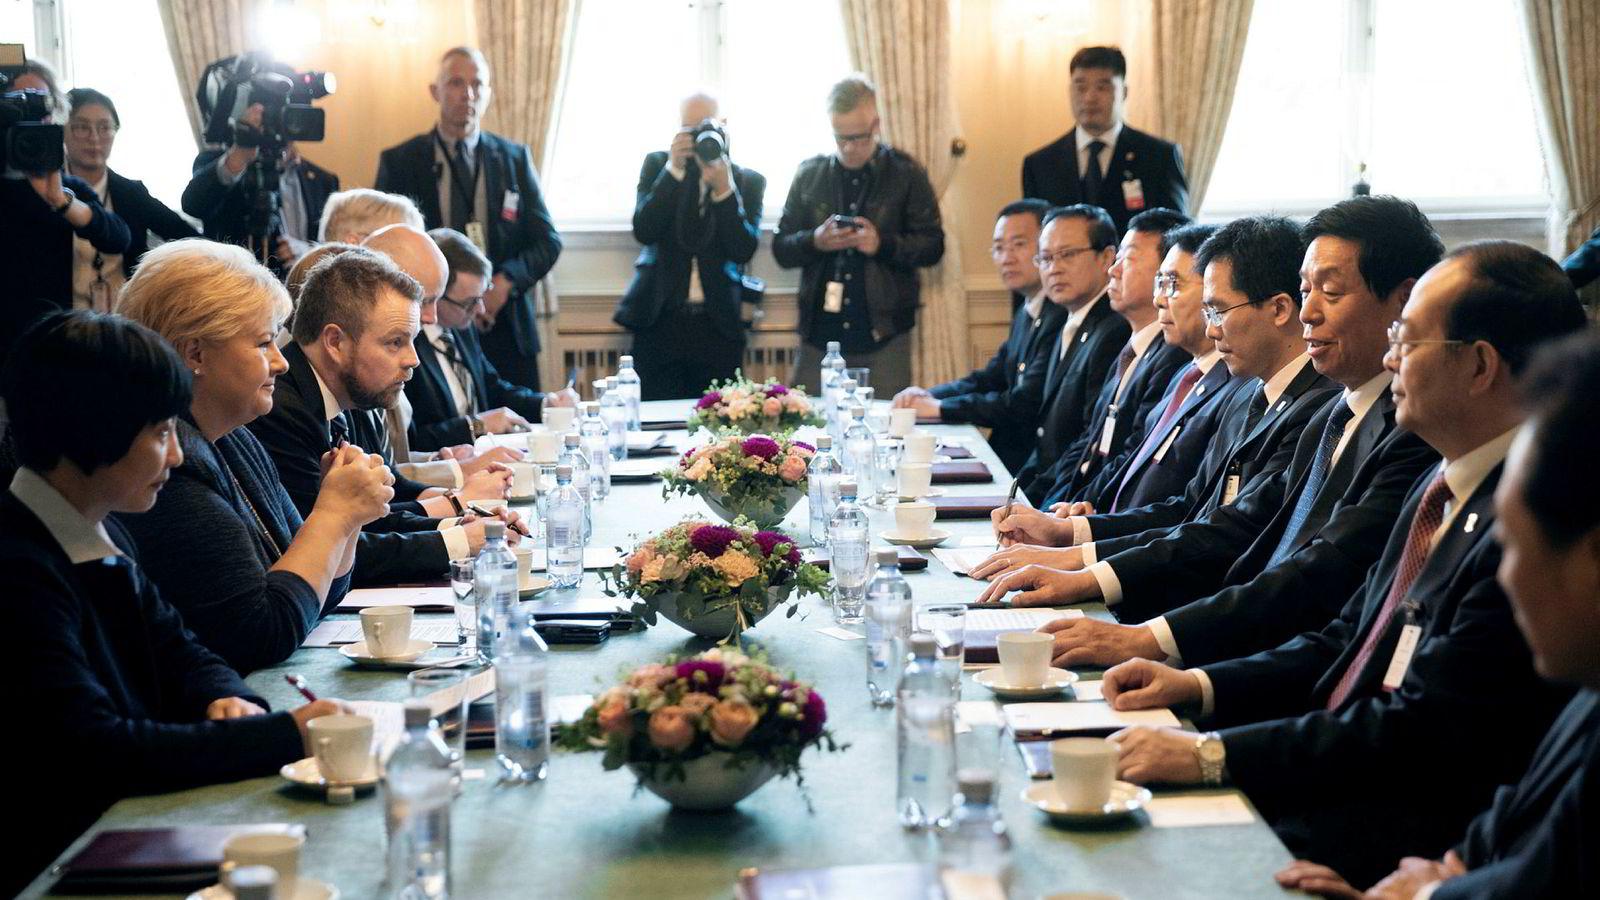 Statsminister Erna Solberg (fra venstre) og næringsminister Torbjørn Røe Isaksen møtte torsdag leder for Kinas Folkekongress, Li Zhanshu (nummer to fra høyre), i spissen for en tung næringslivsdelegasjon.